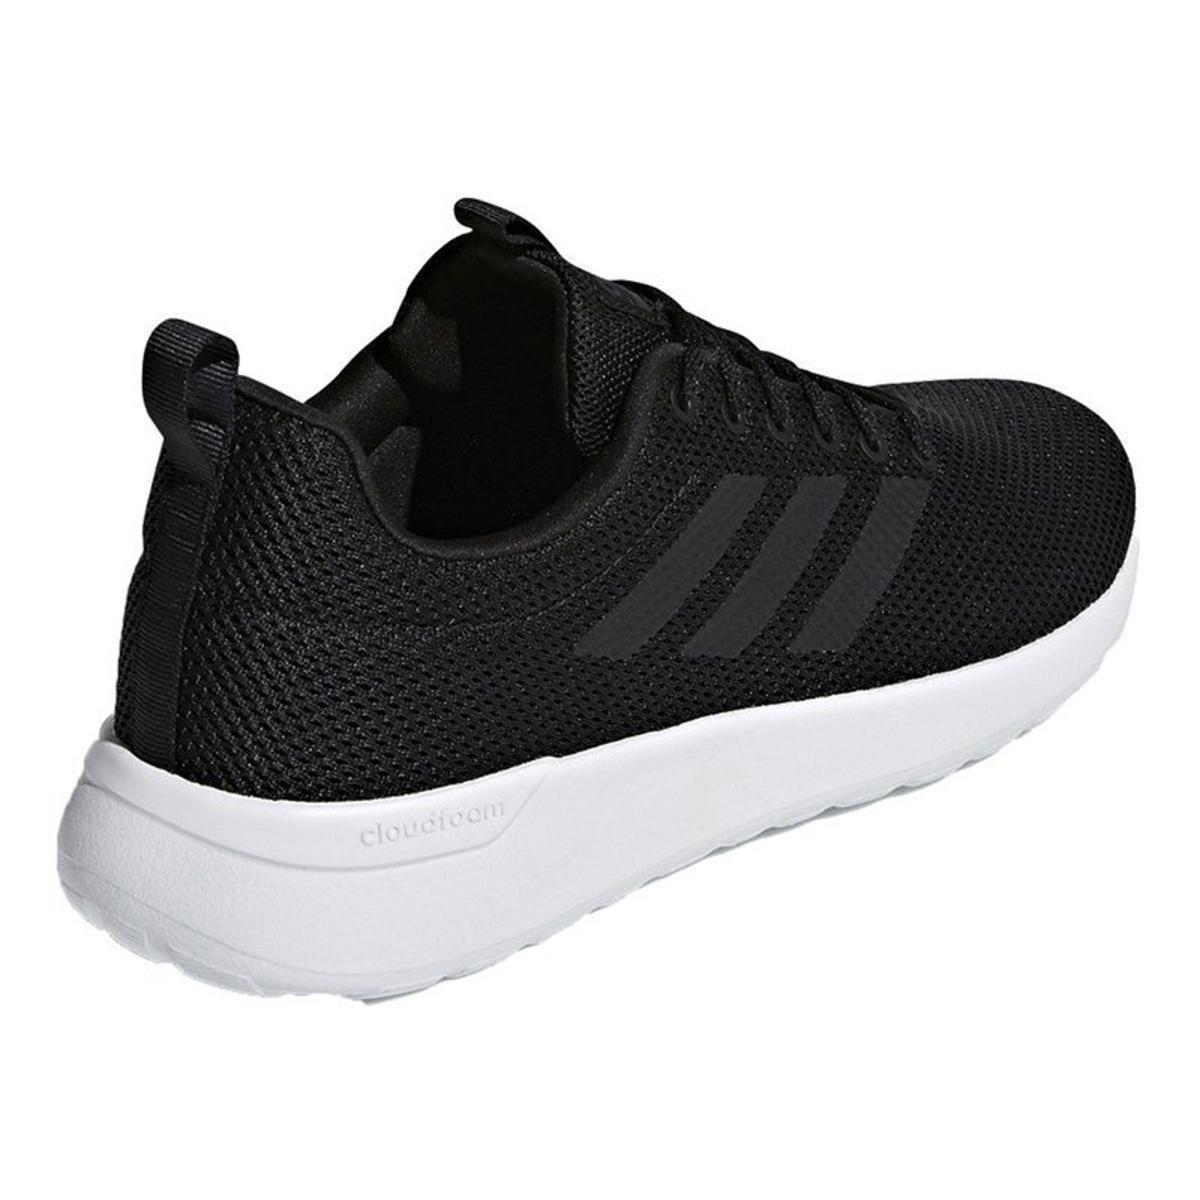 19e0b1d89b Tênis Adidas Lite Racer CLN Masculino - Preto - Compre Agora